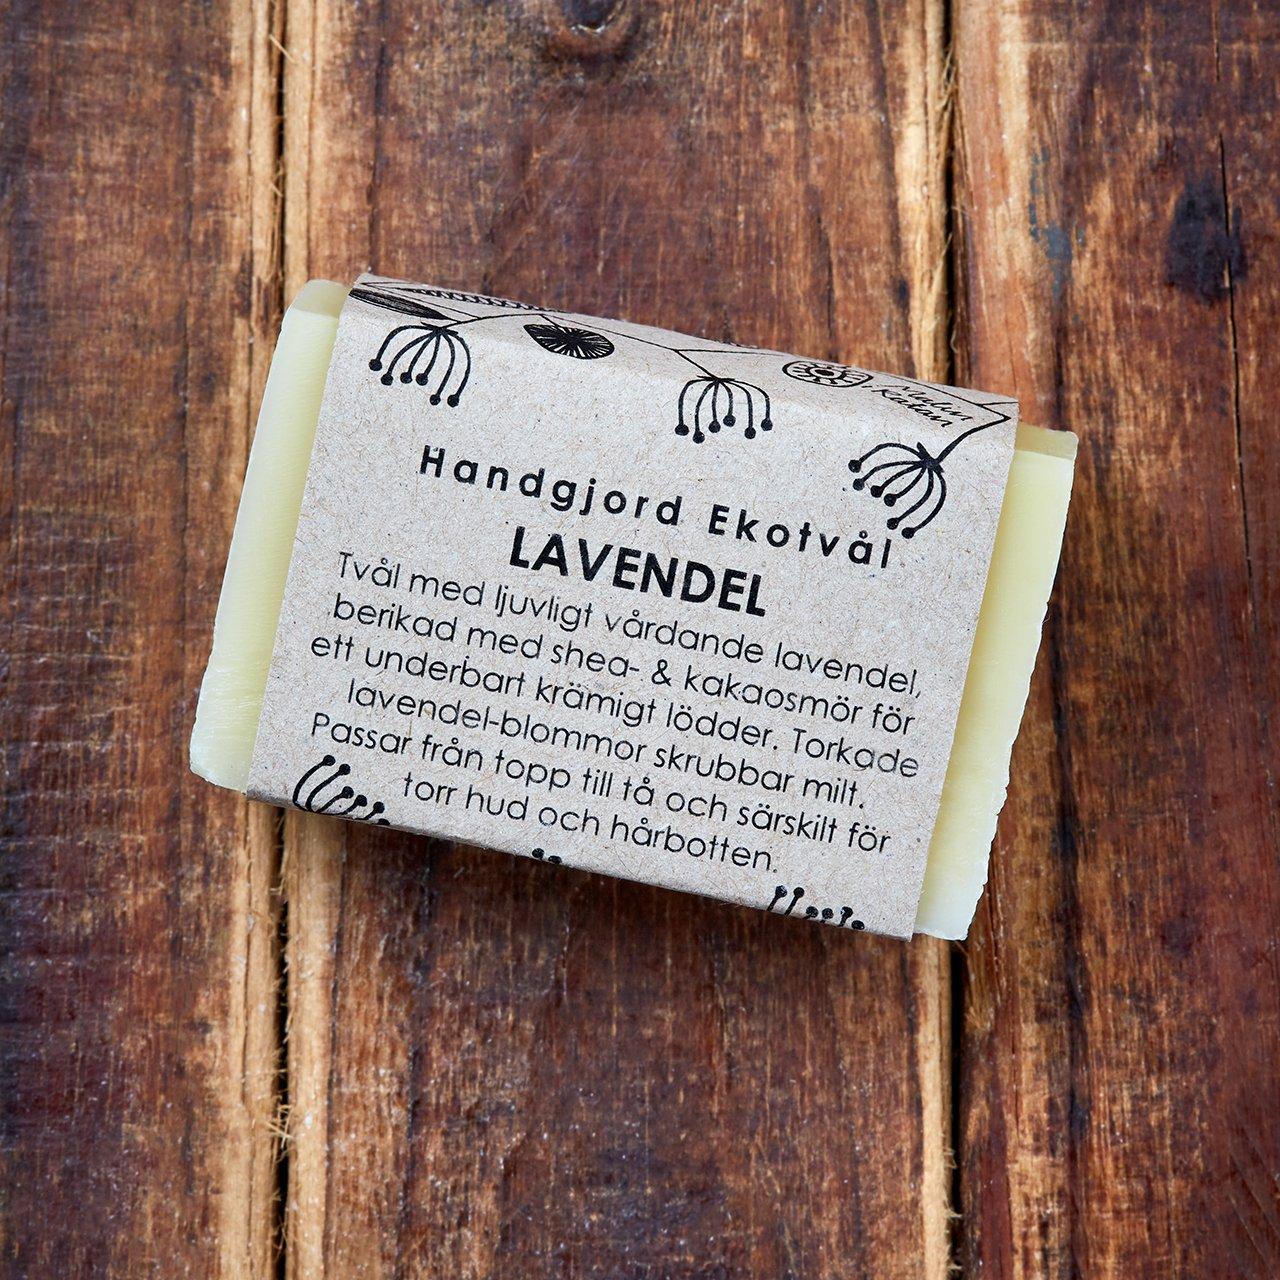 Handgjord Ekotvål Lavendel